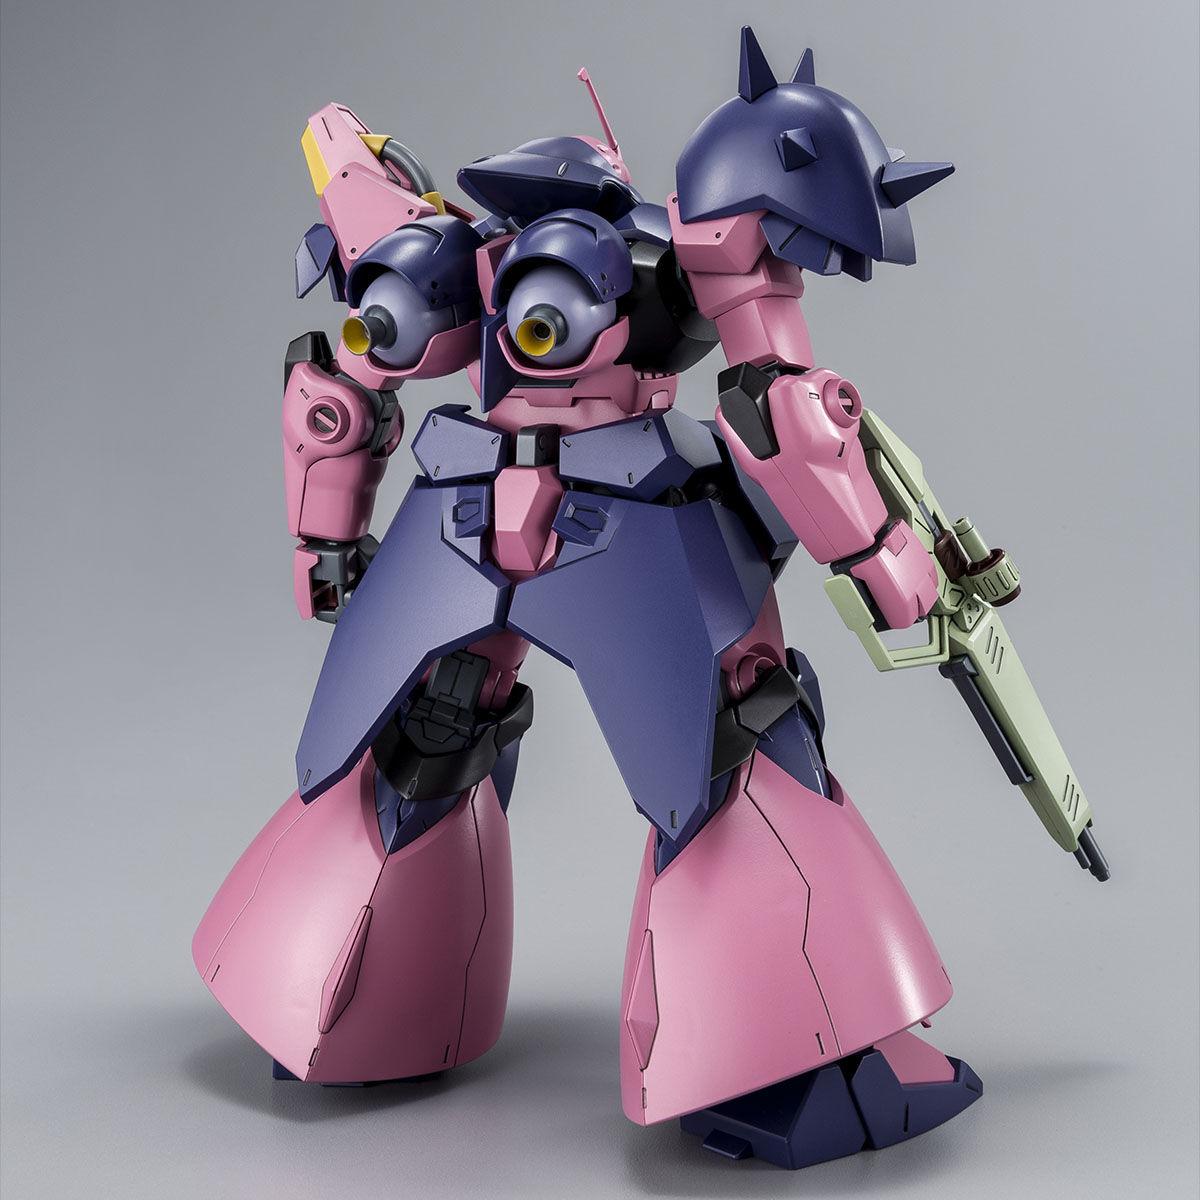 【限定販売】HG 1/144『メッサーF02型』機動戦士ガンダム 閃光のハサウェイ プラモデル-012